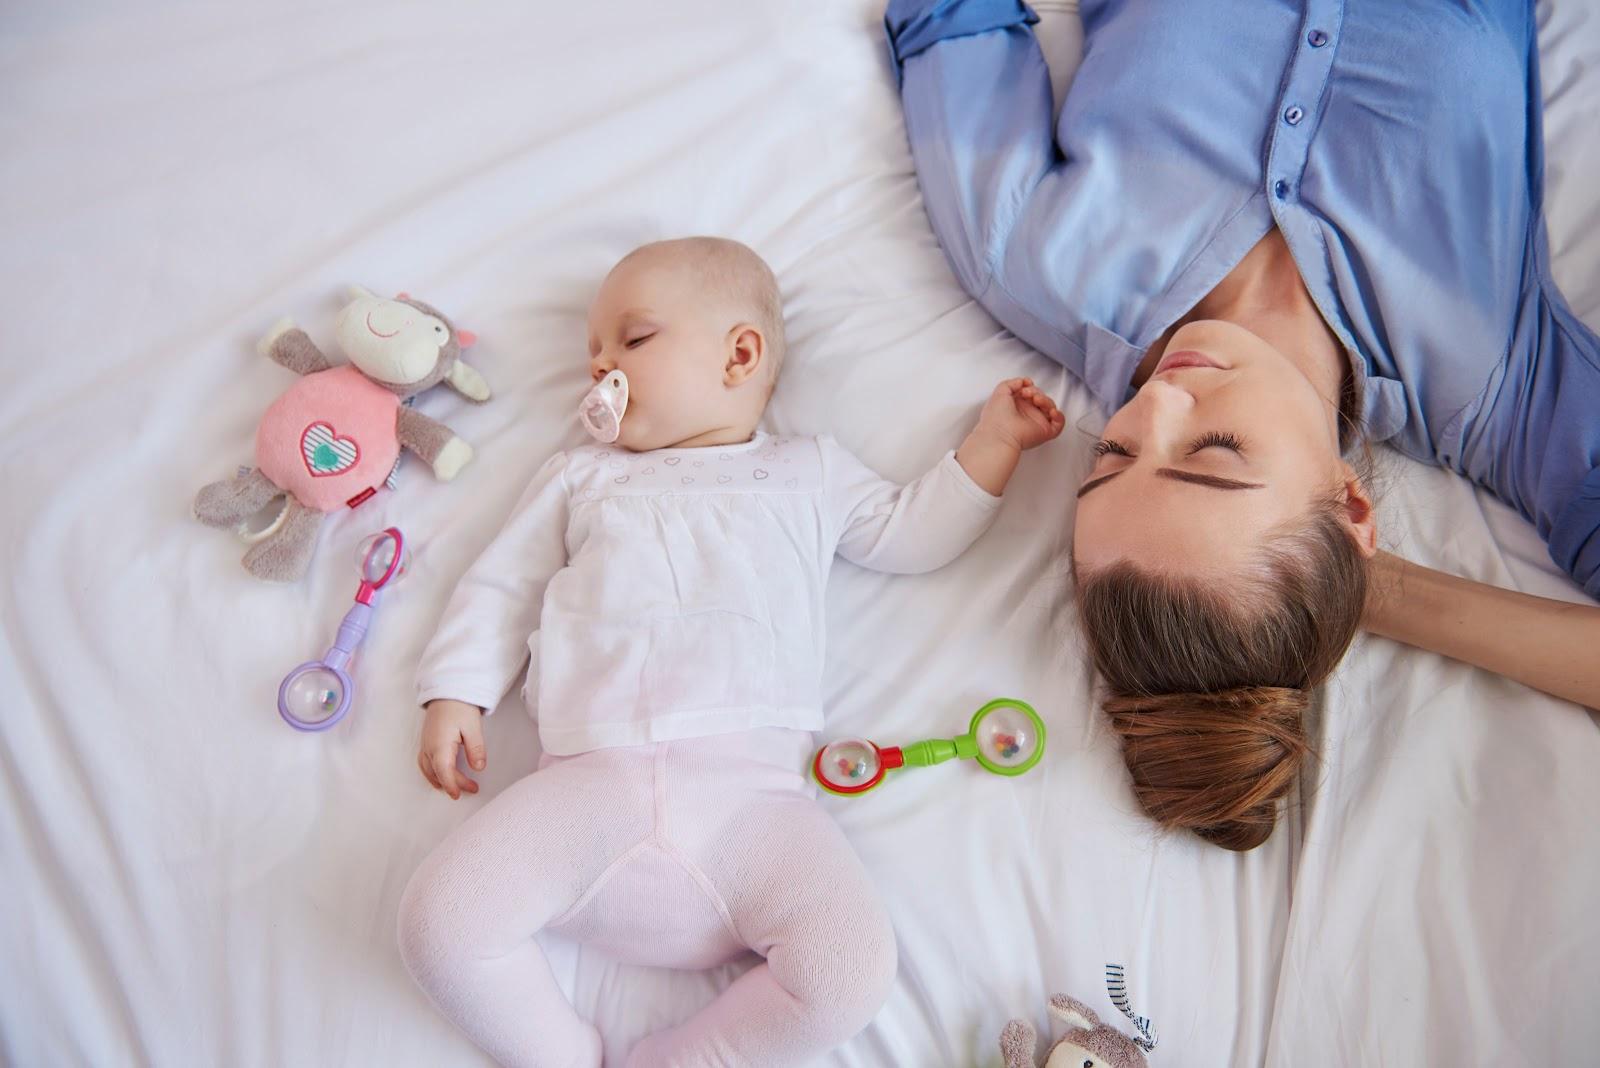 Crianças que ficam mais tempo com os pais em casa podem ter vantagens no desenvolvimento emocional. (Fonte: Freepik)